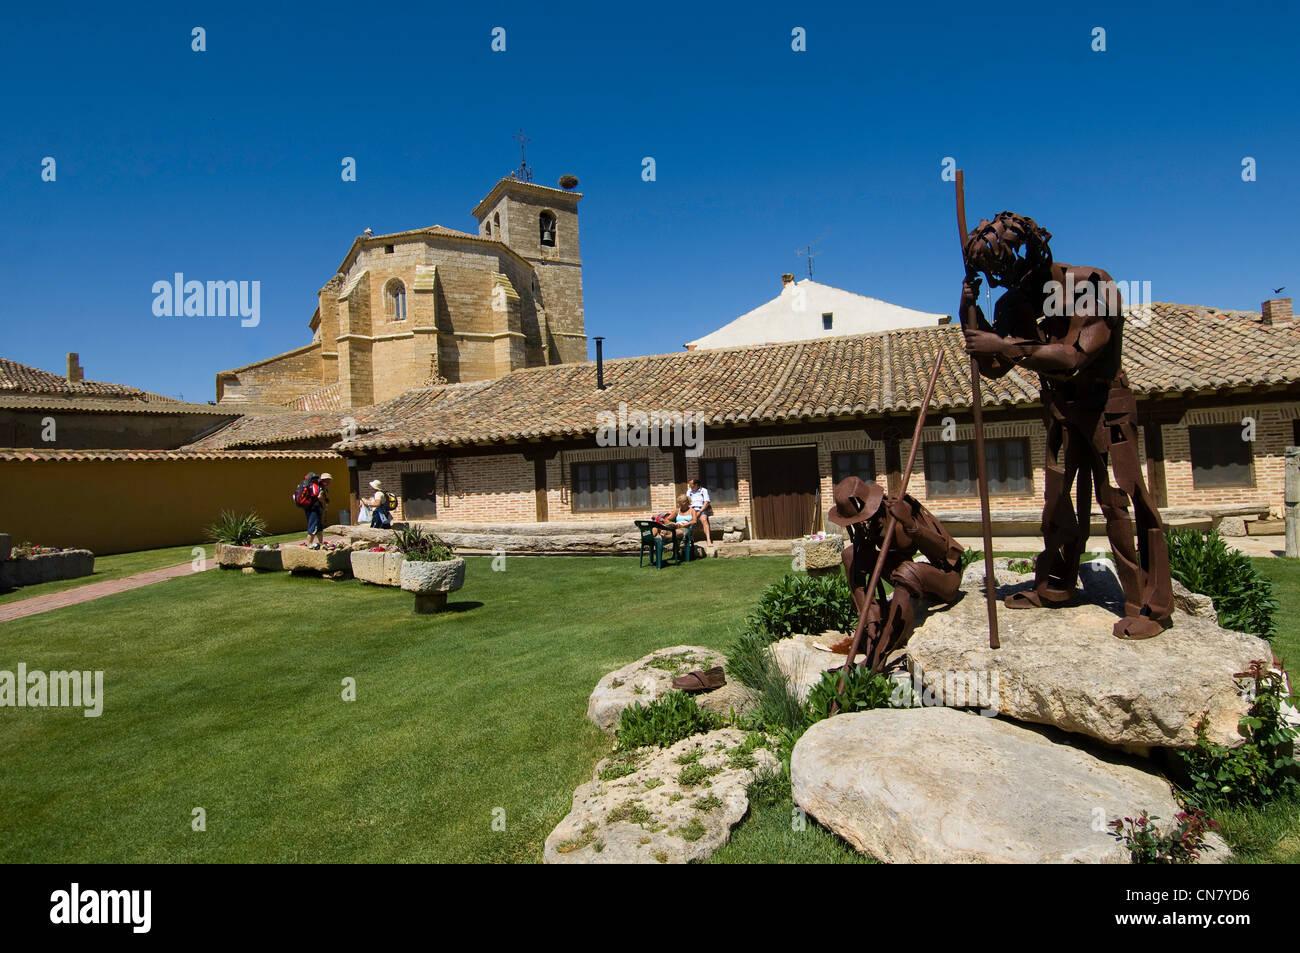 Spain, Castile and Leon, Boadilla del Camino, stop on El Camino de Santiago - Stock Image